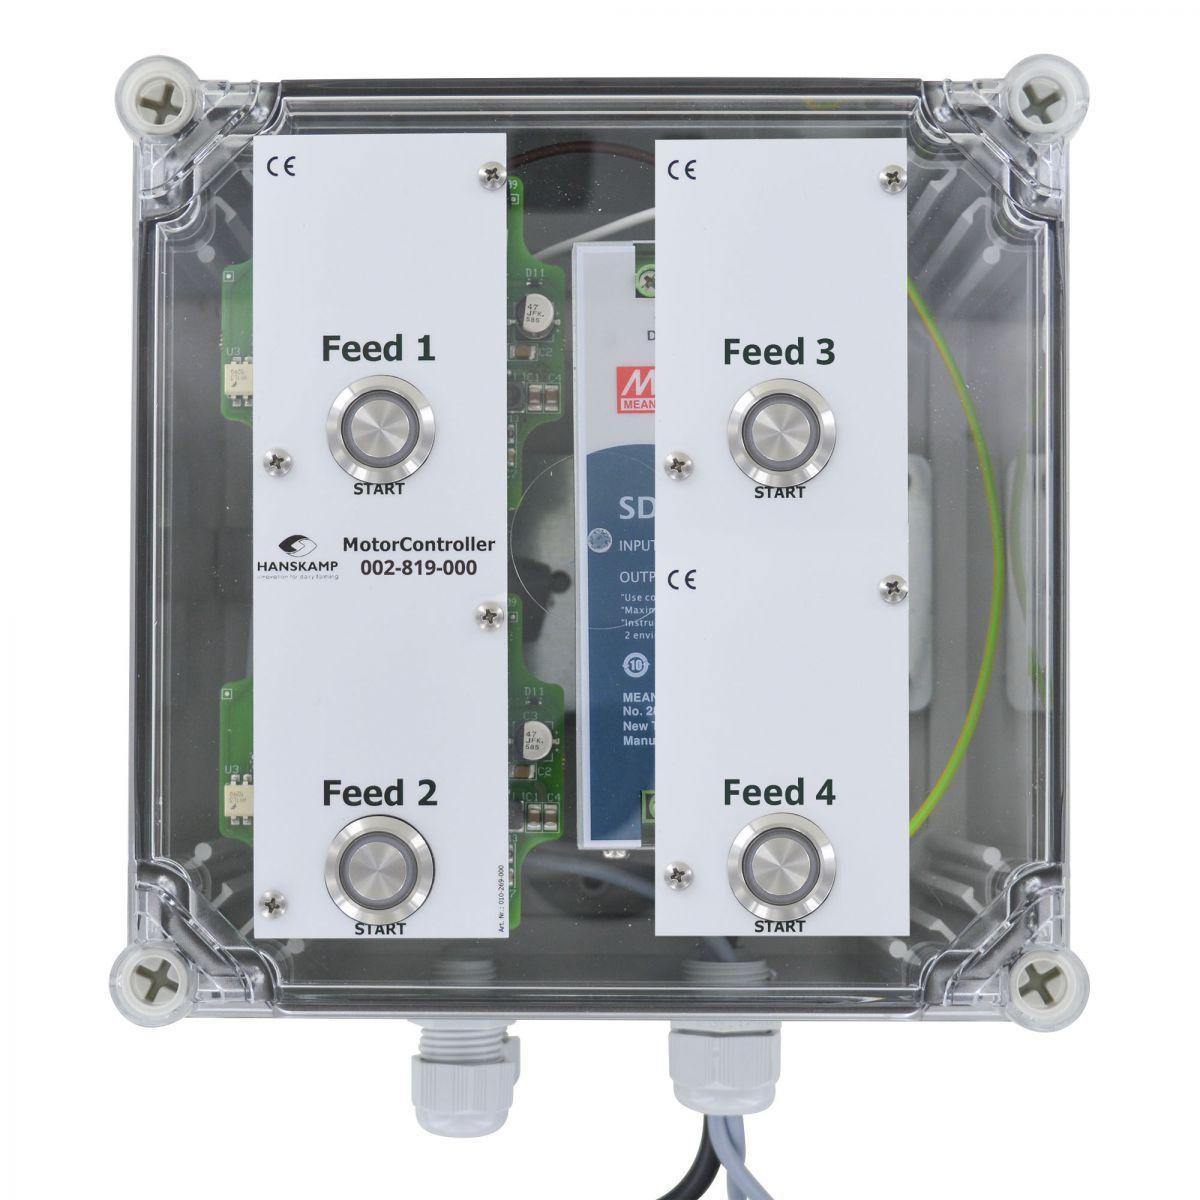 motorcontroller 4 futtersorten pipefeeder highspeed mit stromversorgung 24v dc 10a in gehuse